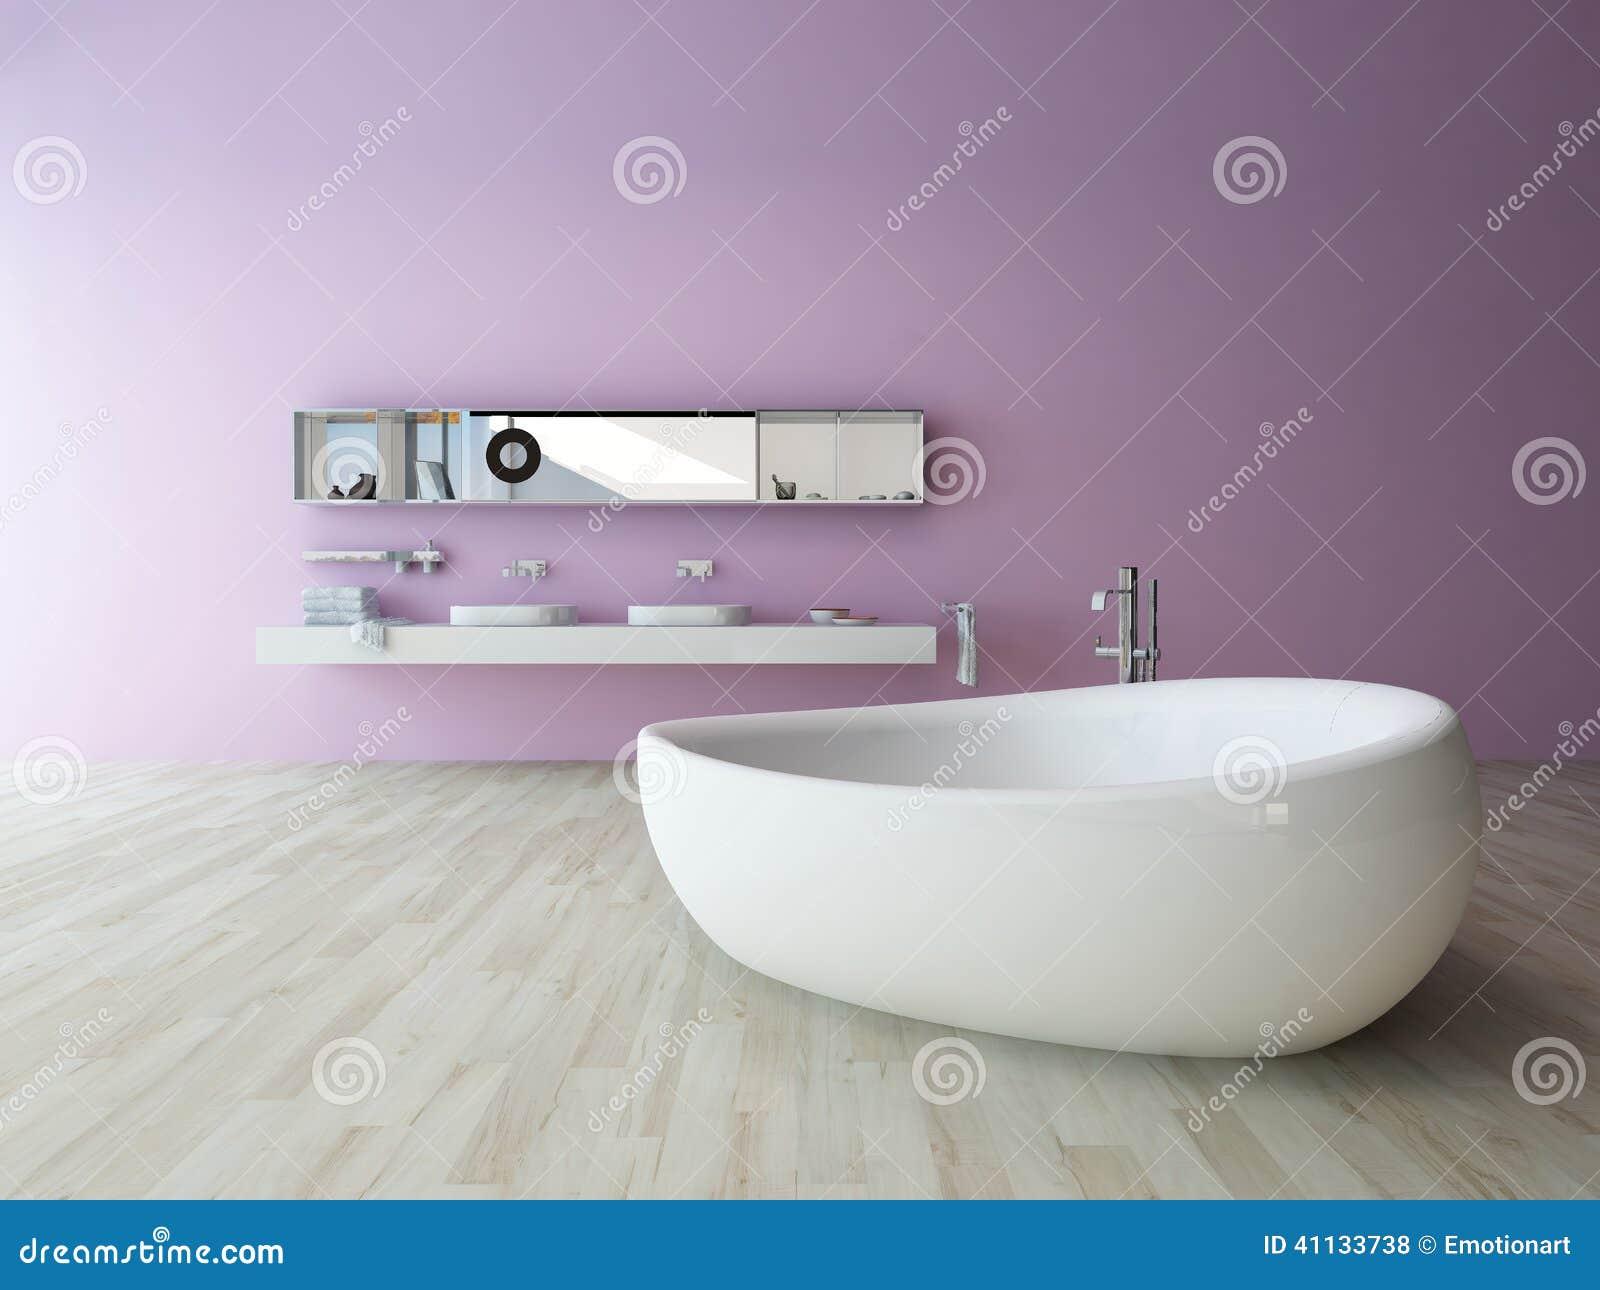 Weisse Badewanne Gegen Violette Wand Stock Abbildung Illustration